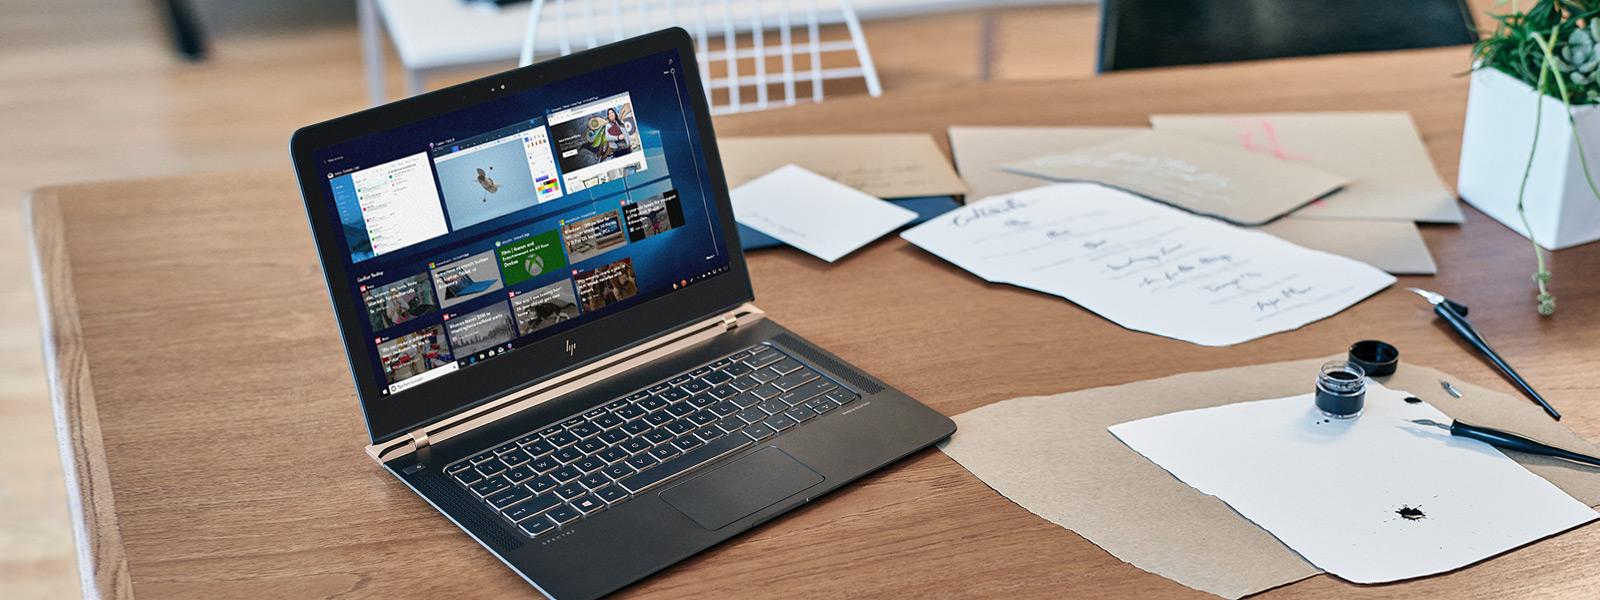 Sequenza temporale di Windows sullo schermo di un portatile su una scrivania